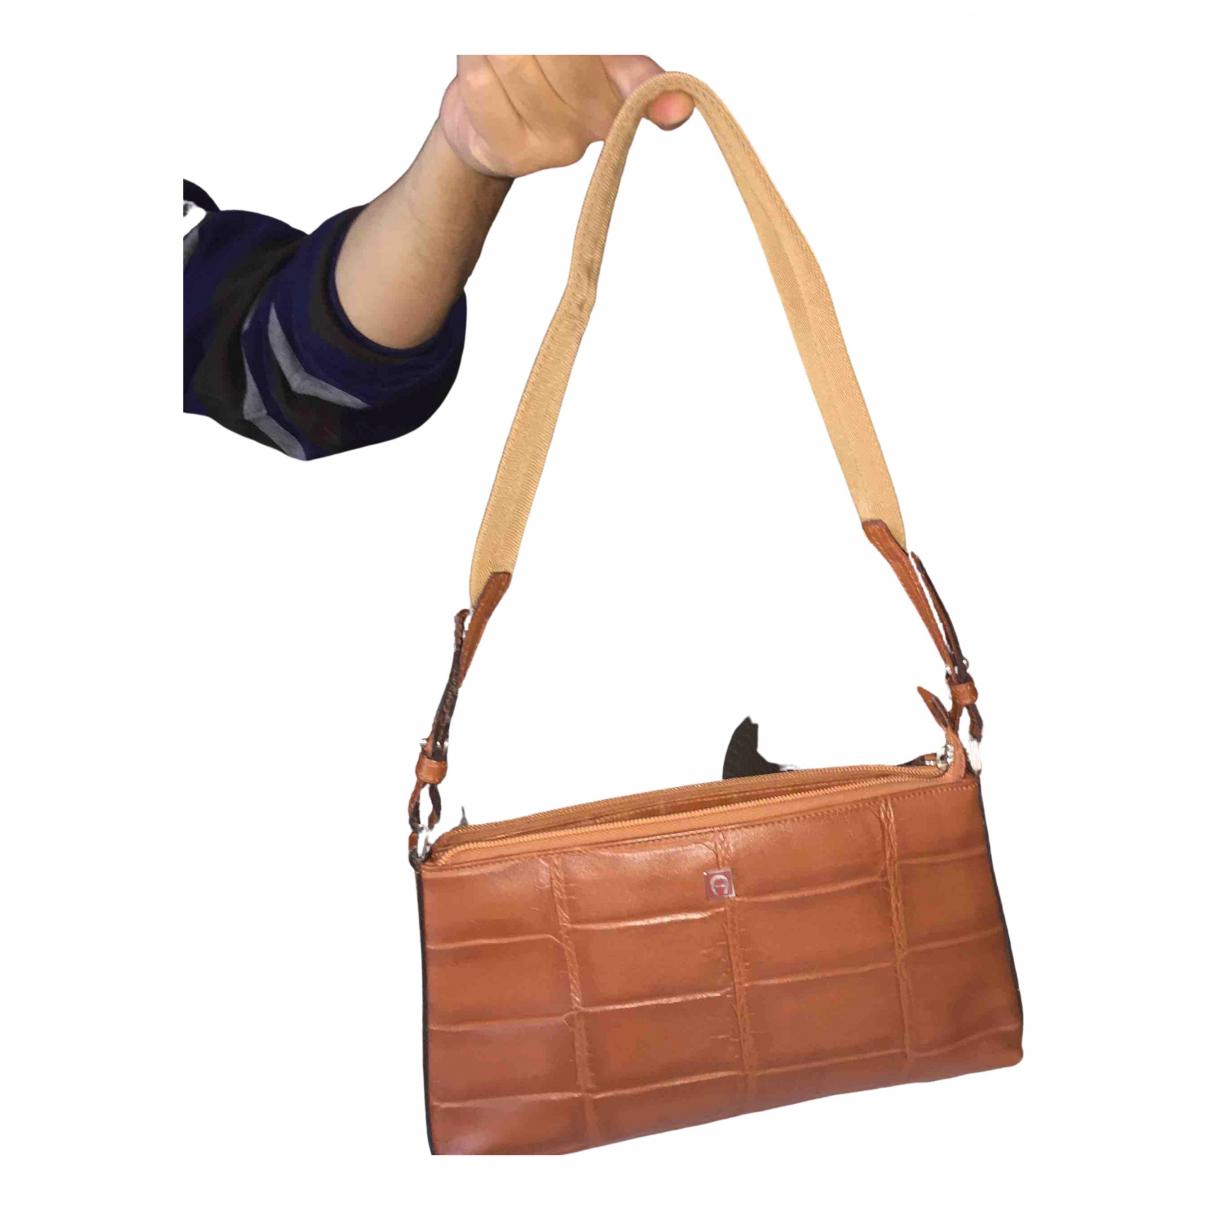 Aigner - Sac a main   pour femme en cuir - marron